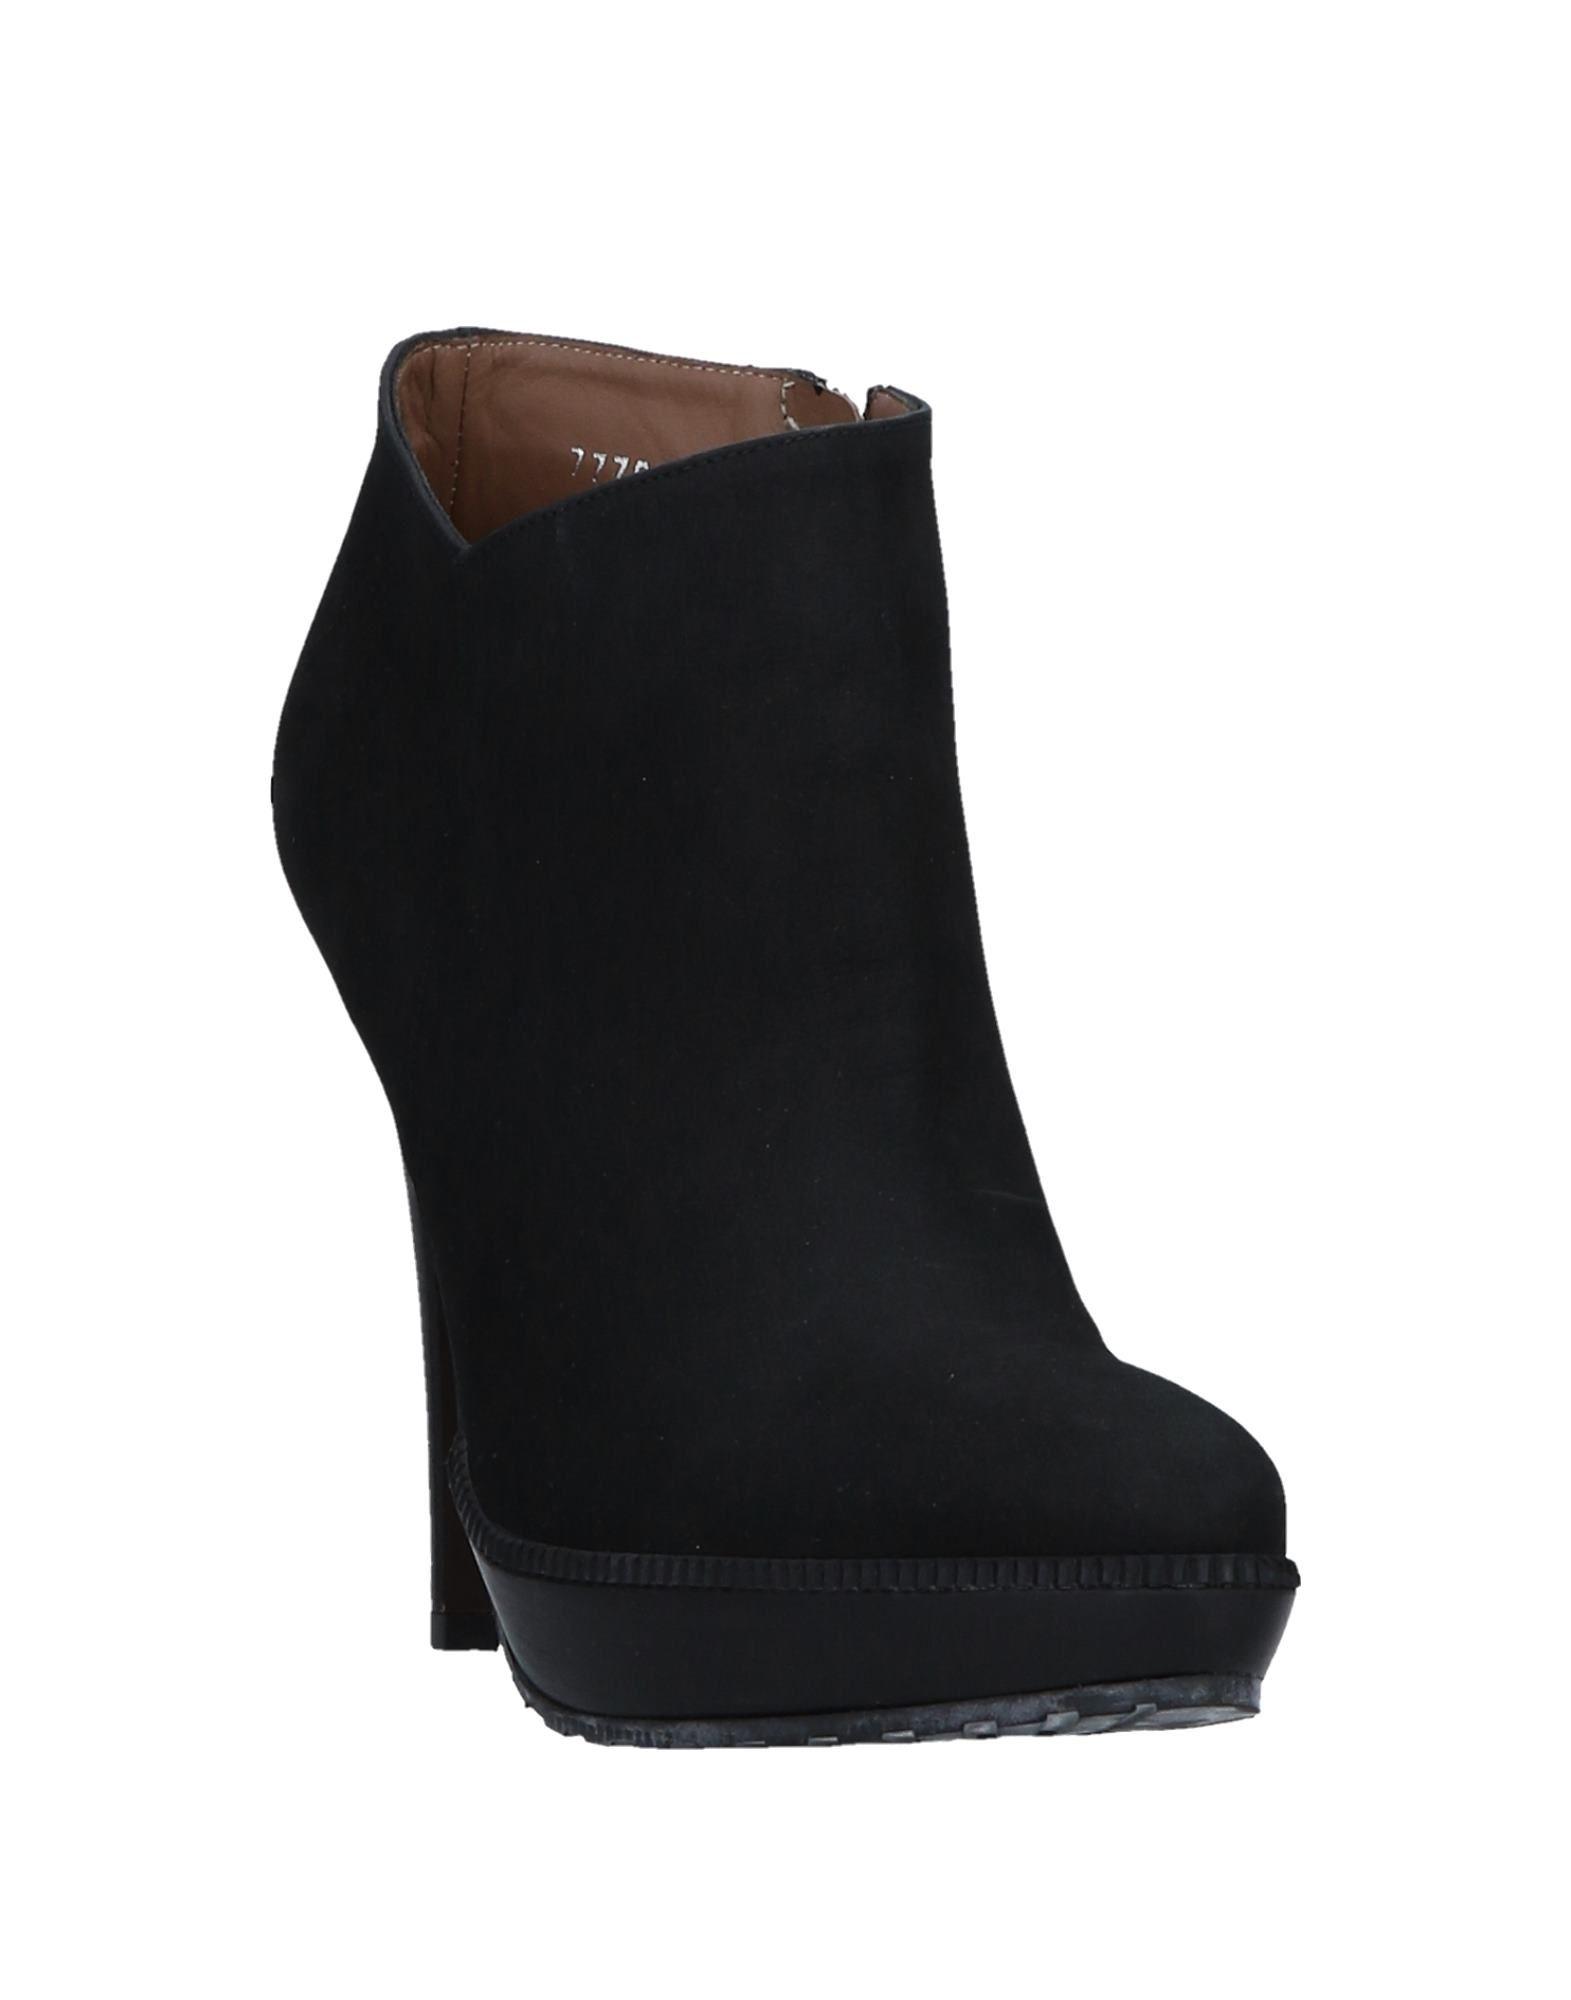 Lodi Stiefelette Damen  11538215LX 11538215LX 11538215LX Gute Qualität beliebte Schuhe e7ed54